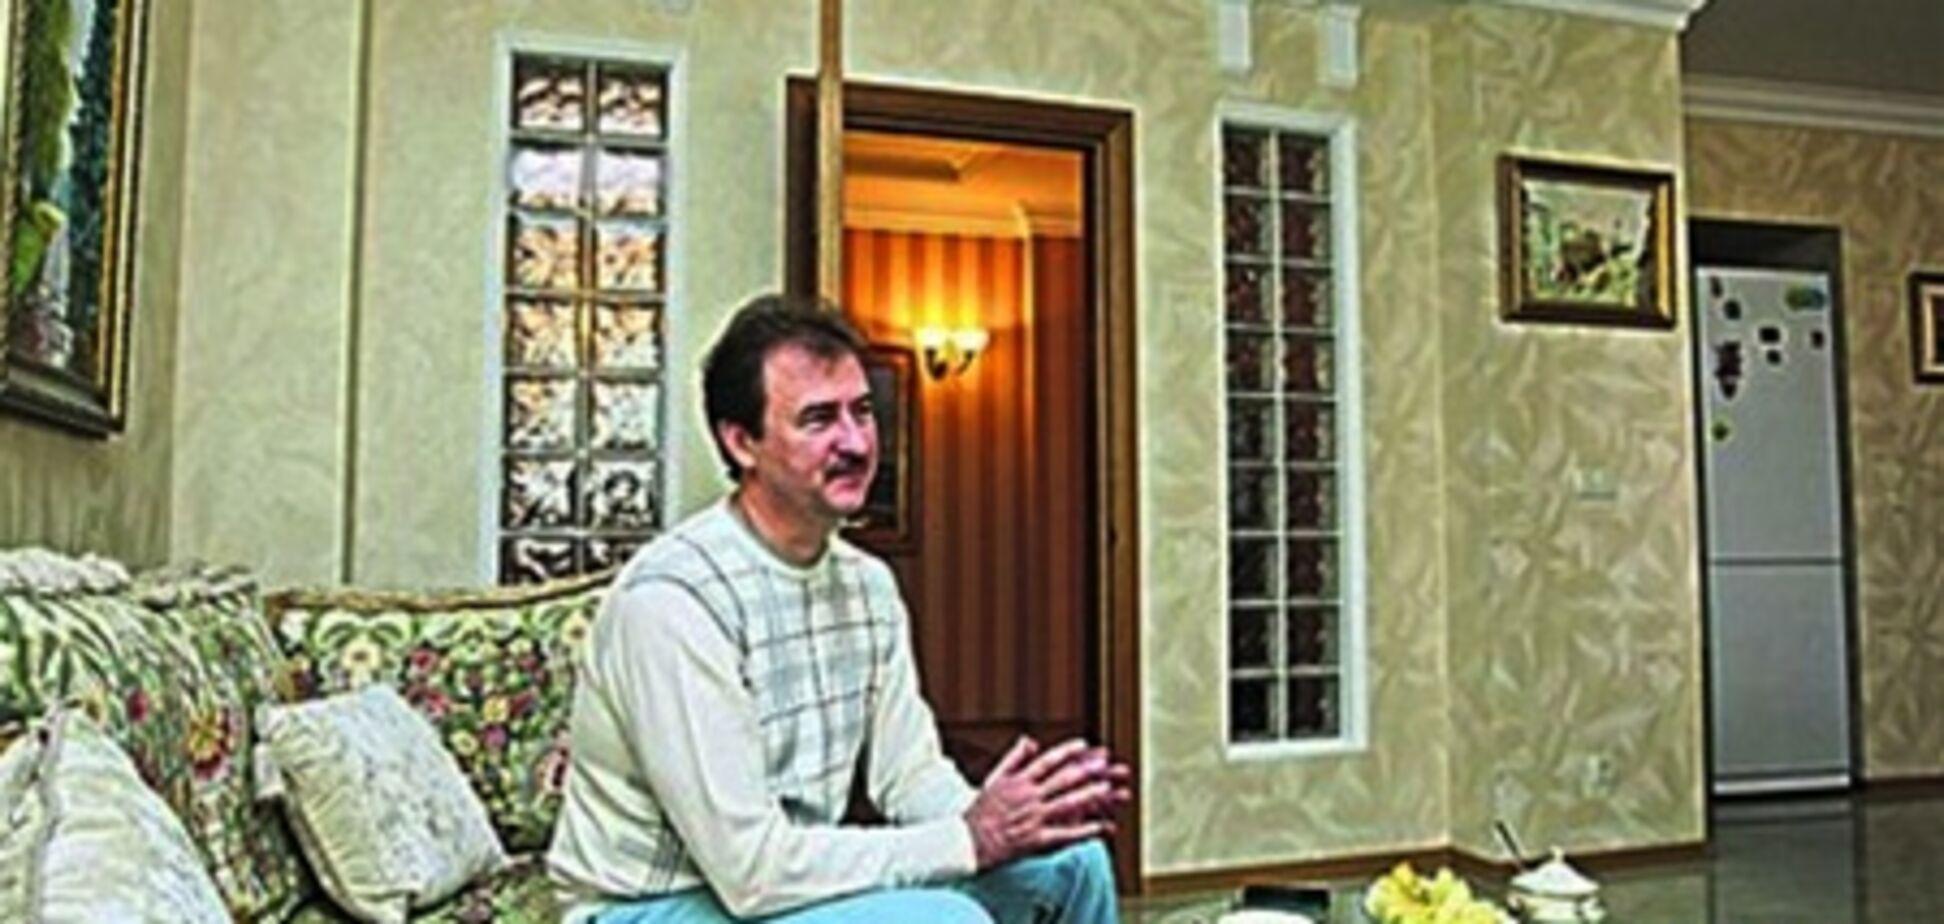 Глава КГГА Попов рассказал о соседях и показал 'скромный' дом